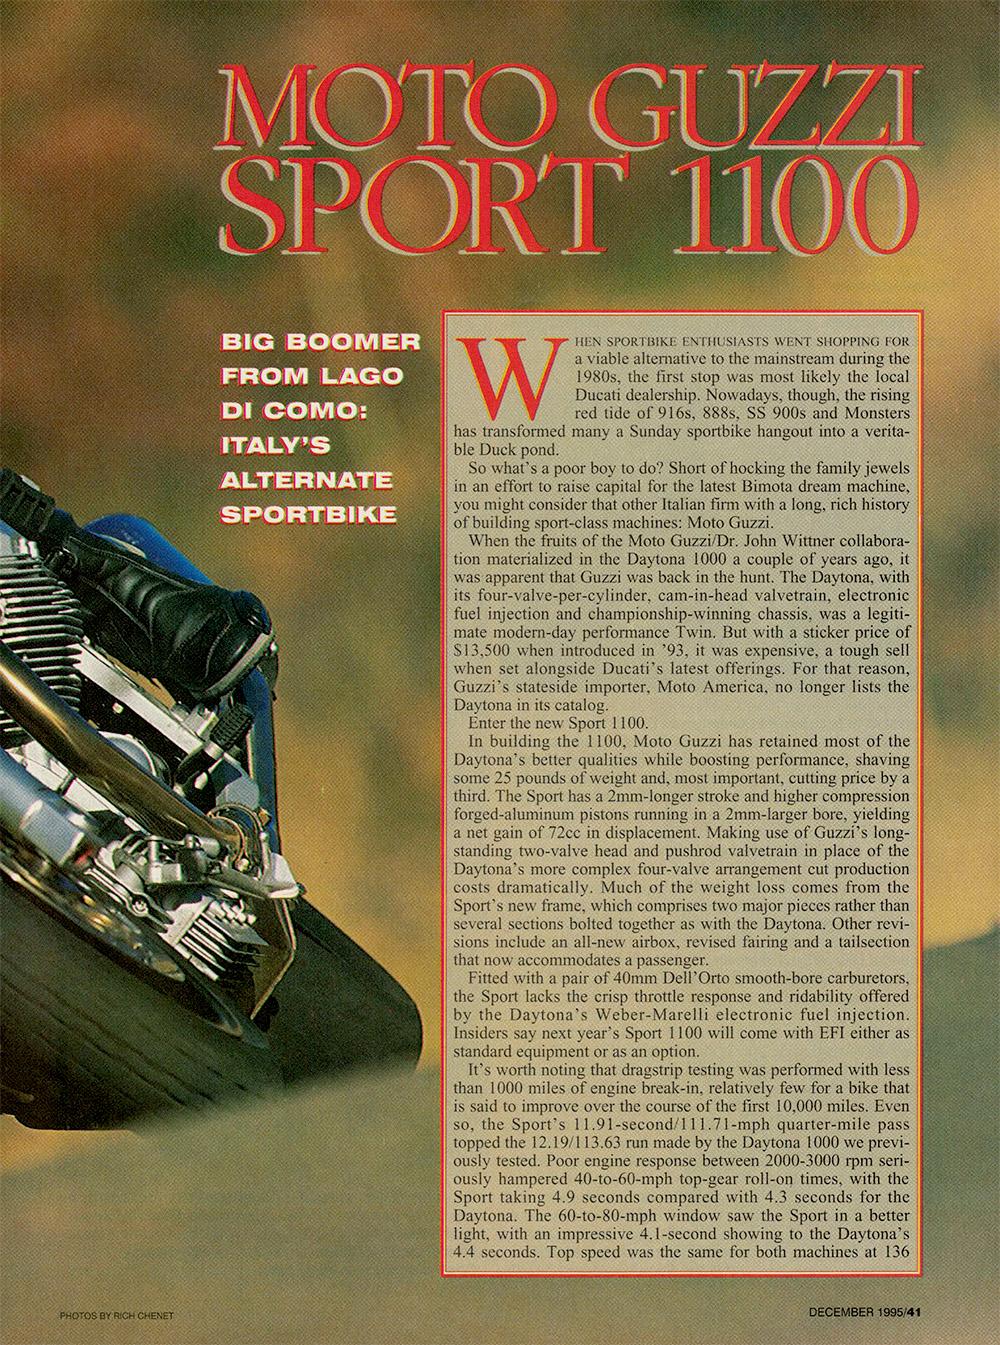 1995 Moto Guzzi Sport 1100 road test 2.jpg